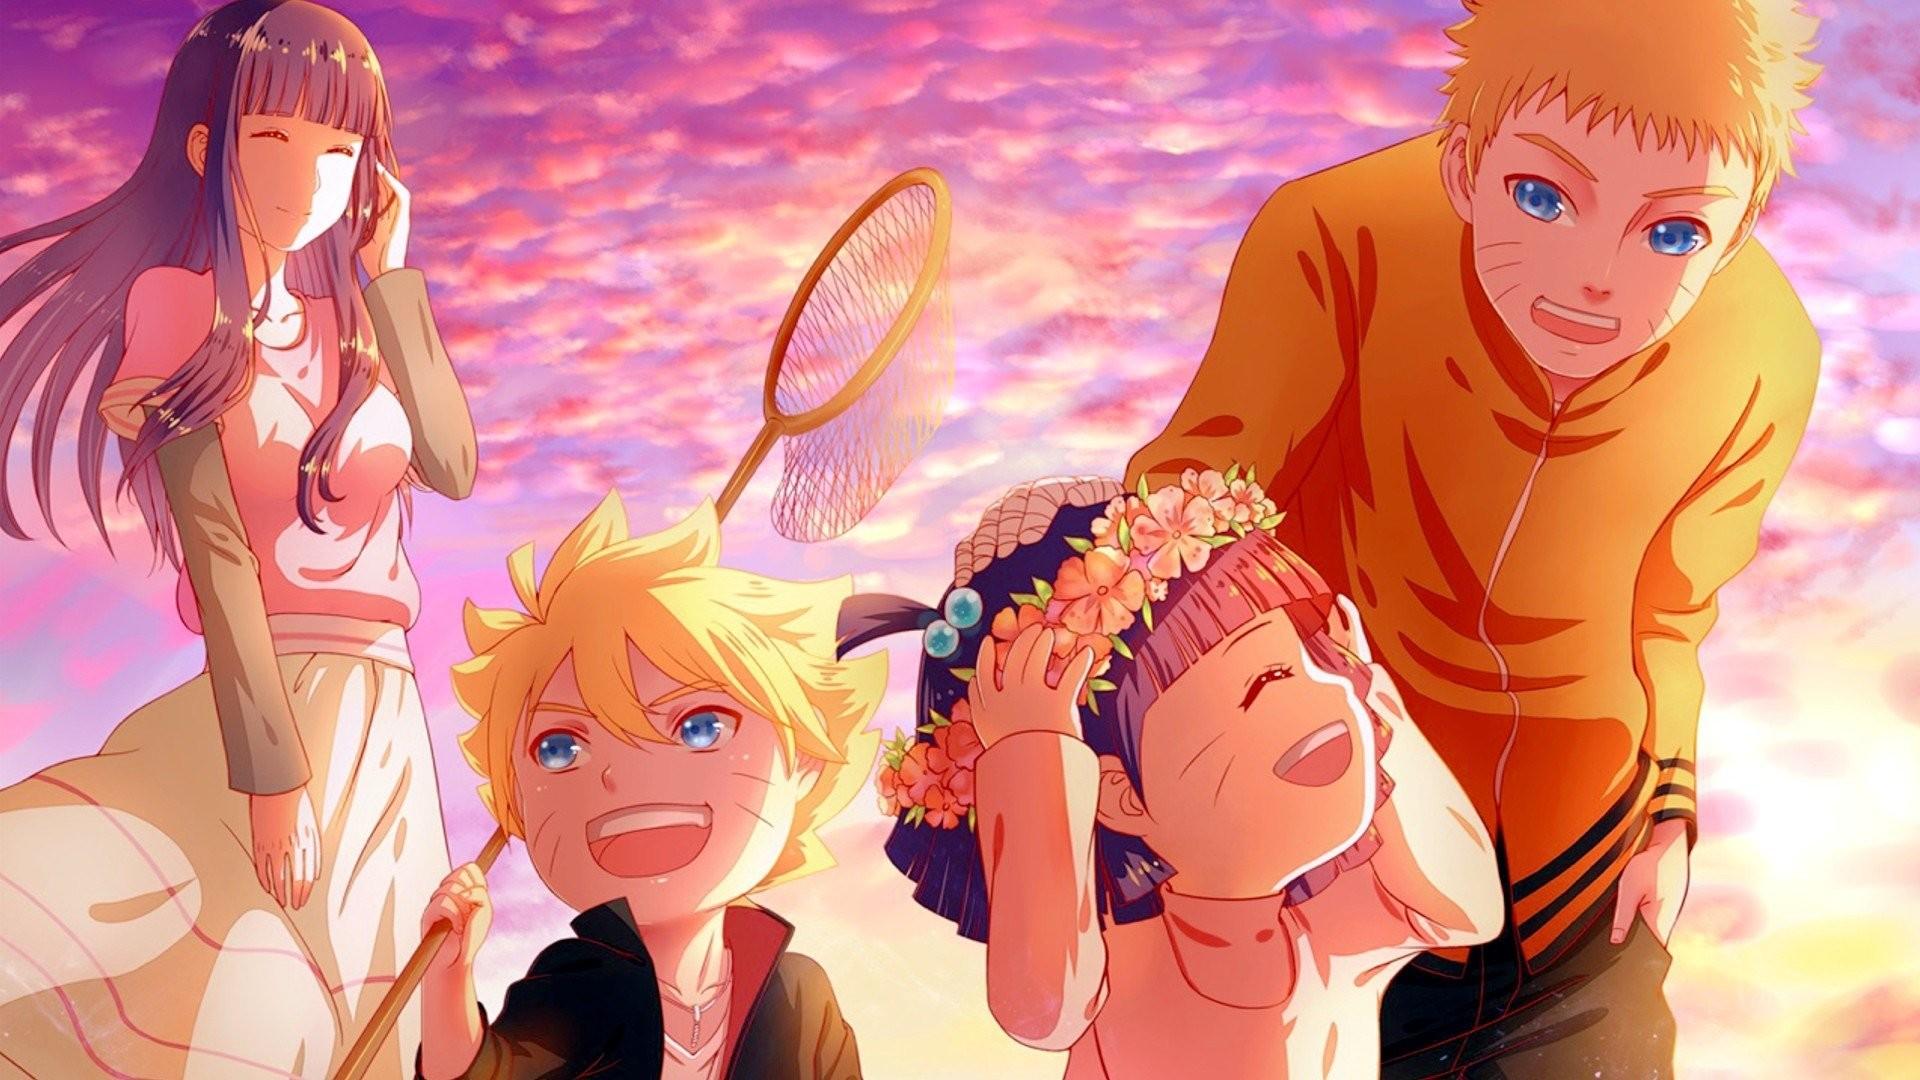 Best Wallpaper Naruto Ipad - 621427-hinata-naruto-wallpaper-1920x1080-for-ipad-2  Snapshot_628668.jpg